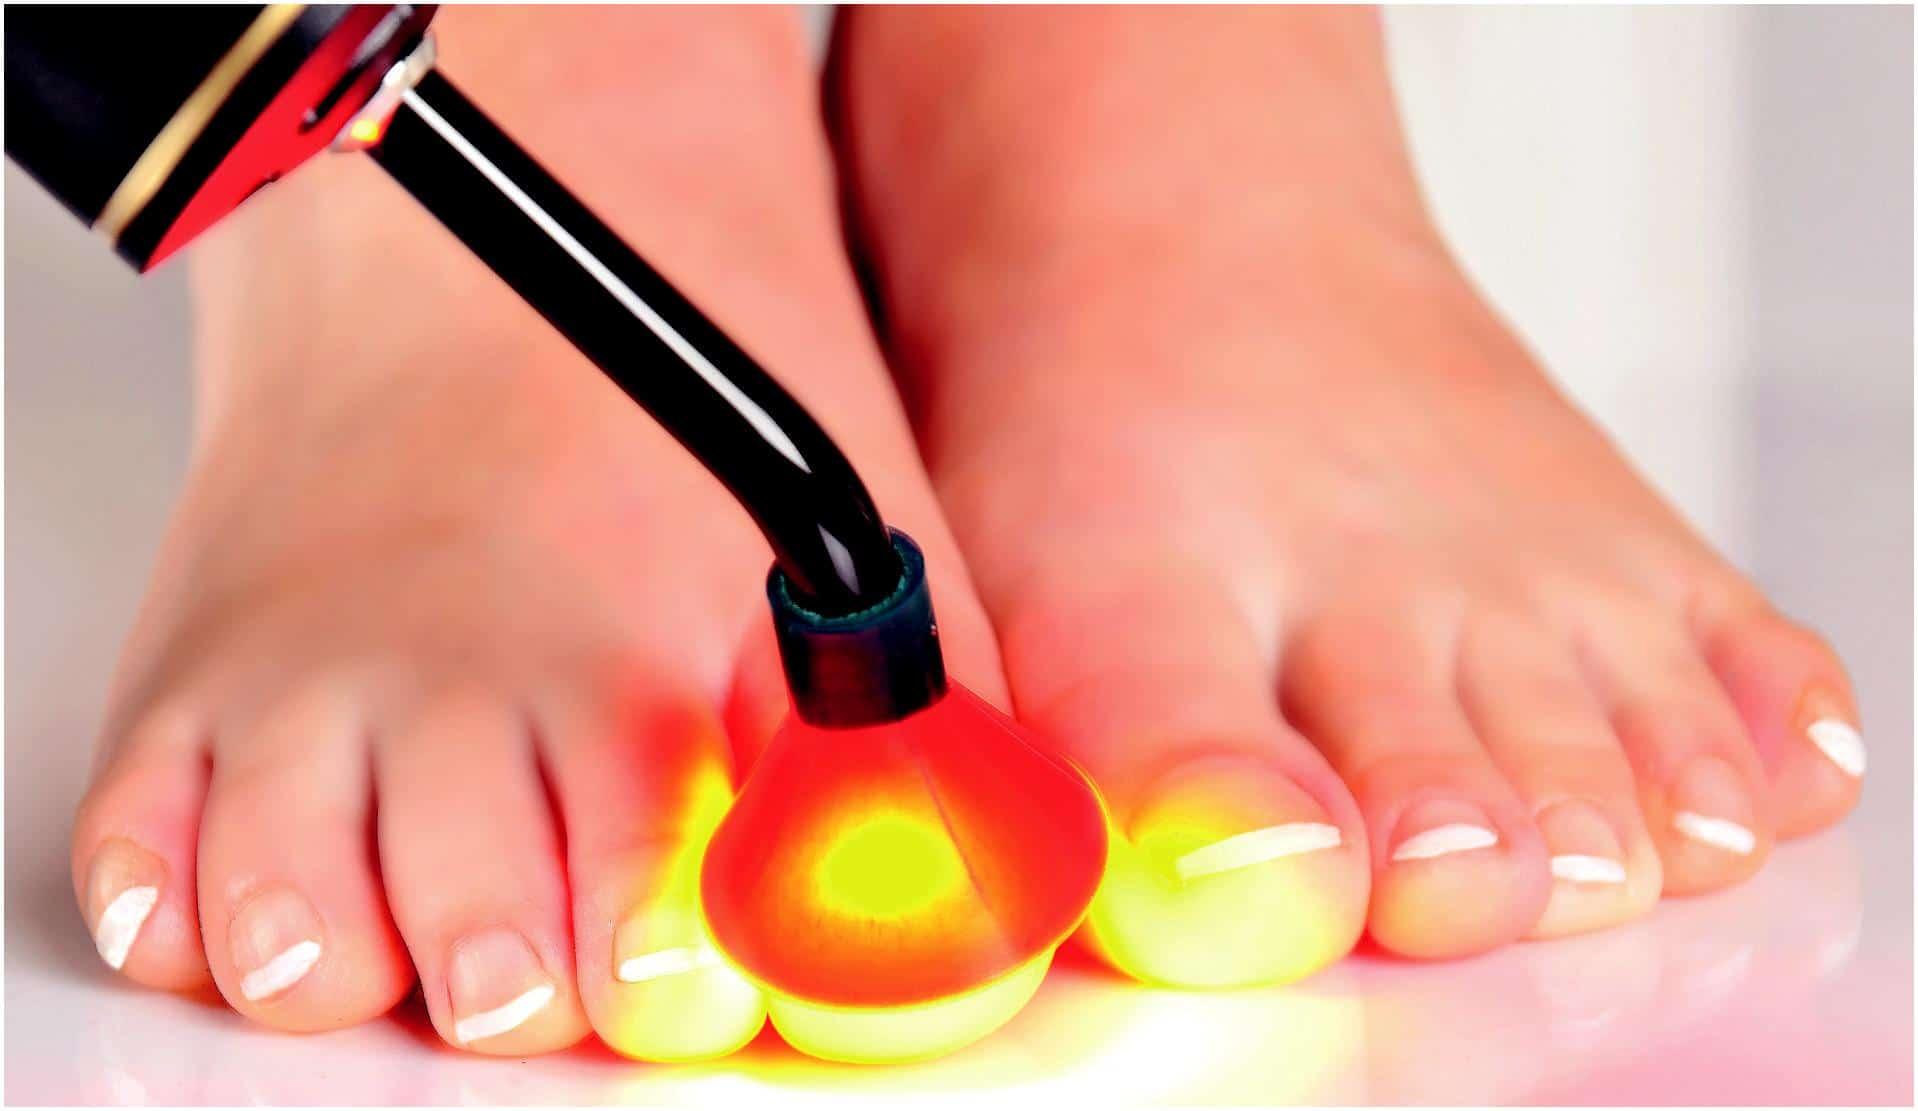 Воздействие лазером при грибке большого пальца ноги